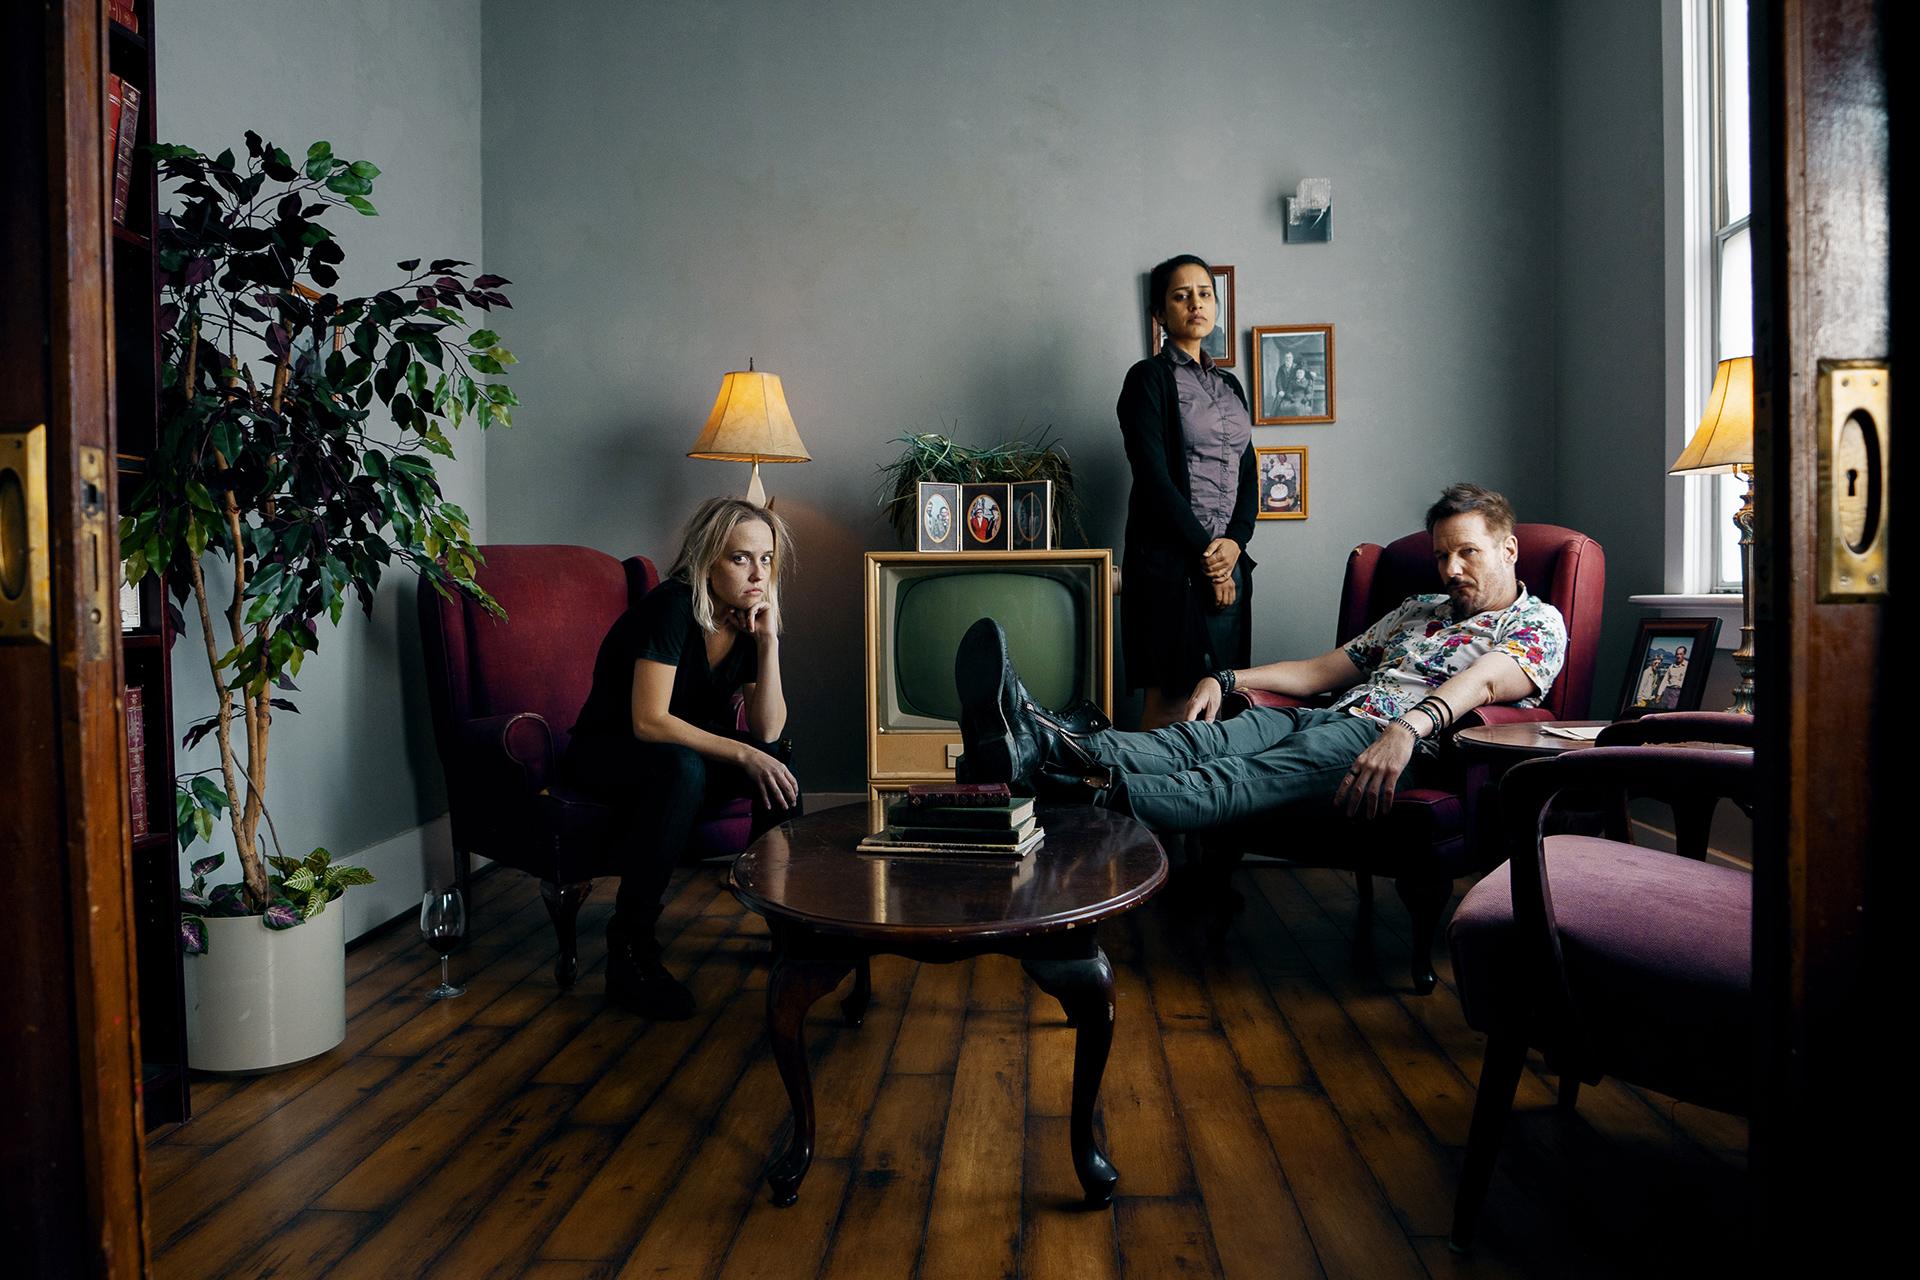 Michael Eklund, Agam Darshi, and Siobhan Williams in Bright Hill Road (2020)